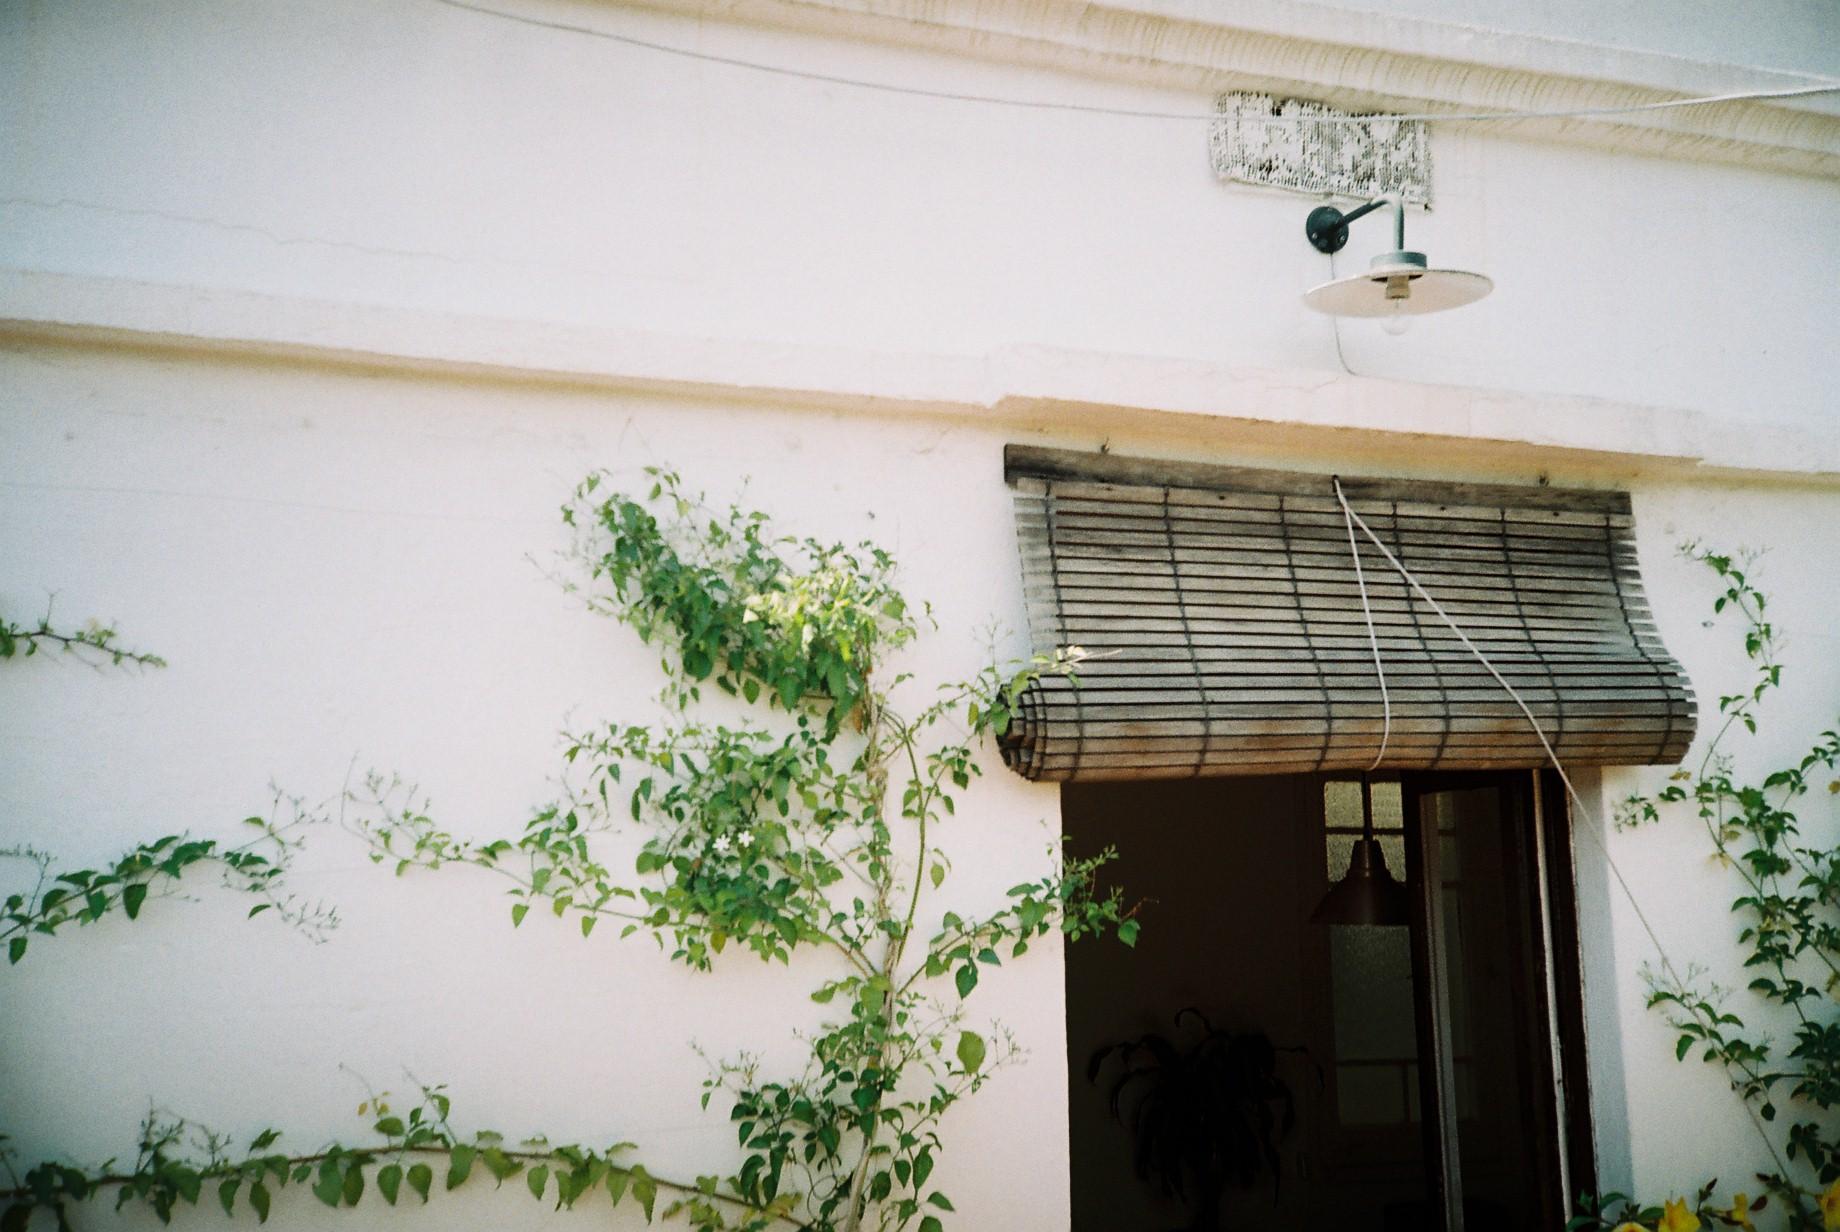 http://lafilladelfotografu.irenavisa.com/files/gimgs/60_f1010021.jpg